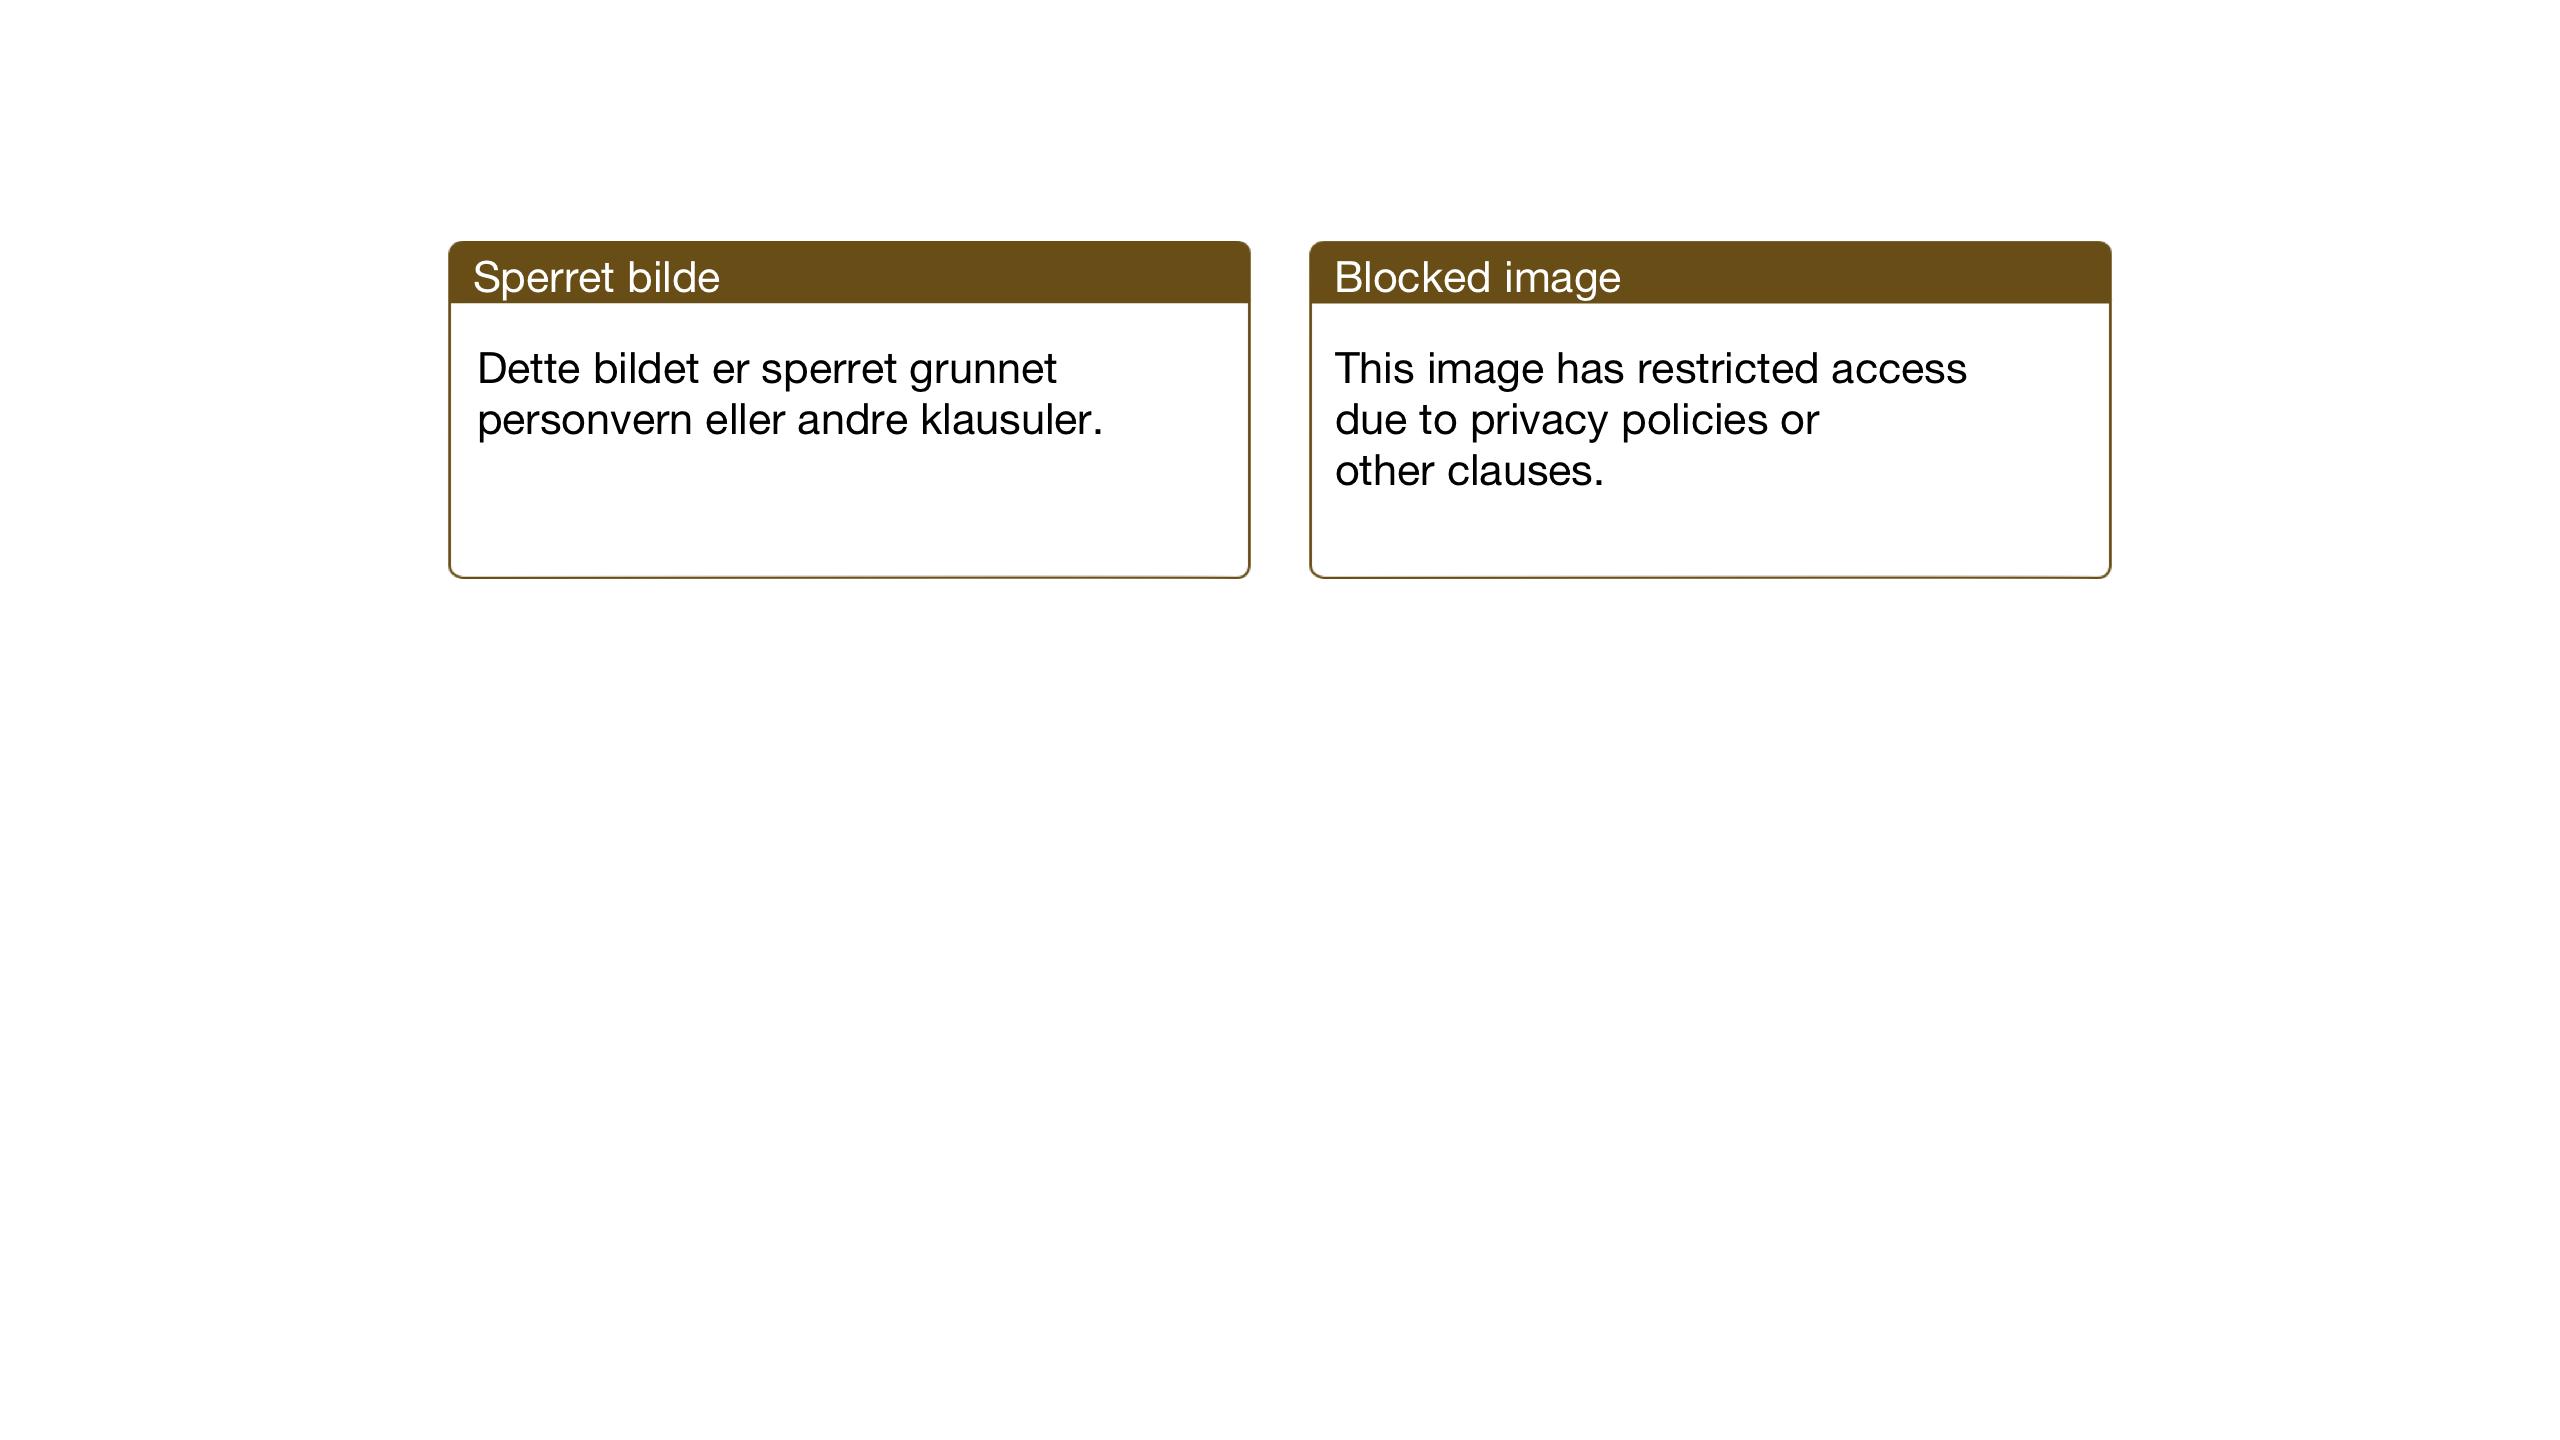 SAT, Ministerialprotokoller, klokkerbøker og fødselsregistre - Sør-Trøndelag, 611/L0359: Klokkerbok nr. 611C07, 1947-1950, s. 105